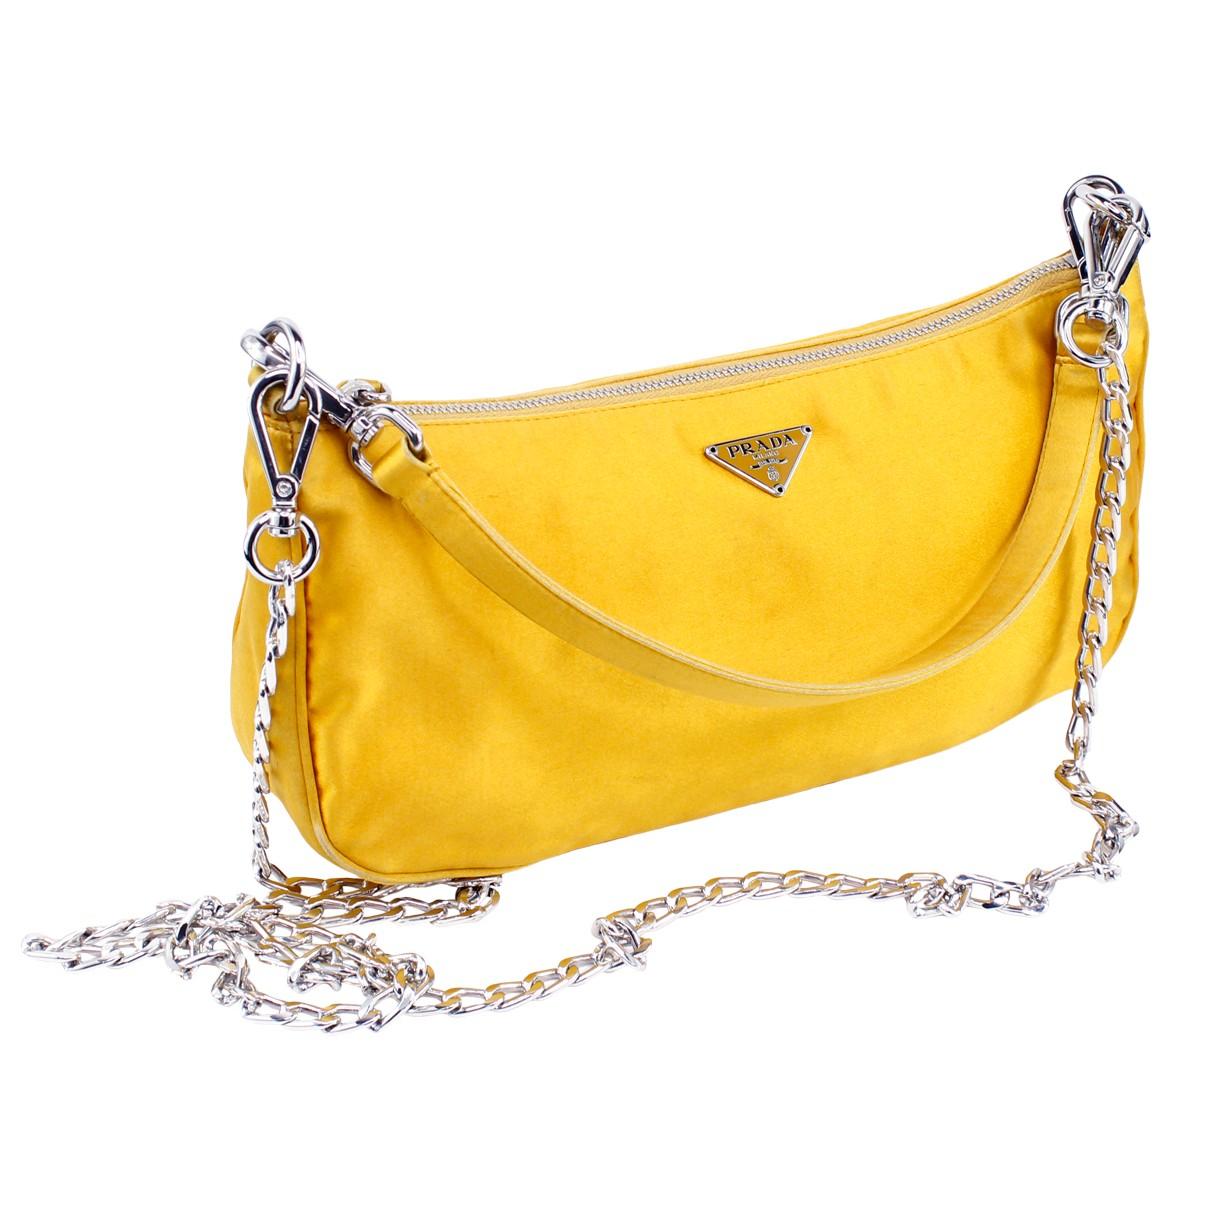 Prada Tessuto  Handtasche in  Gelb Seide